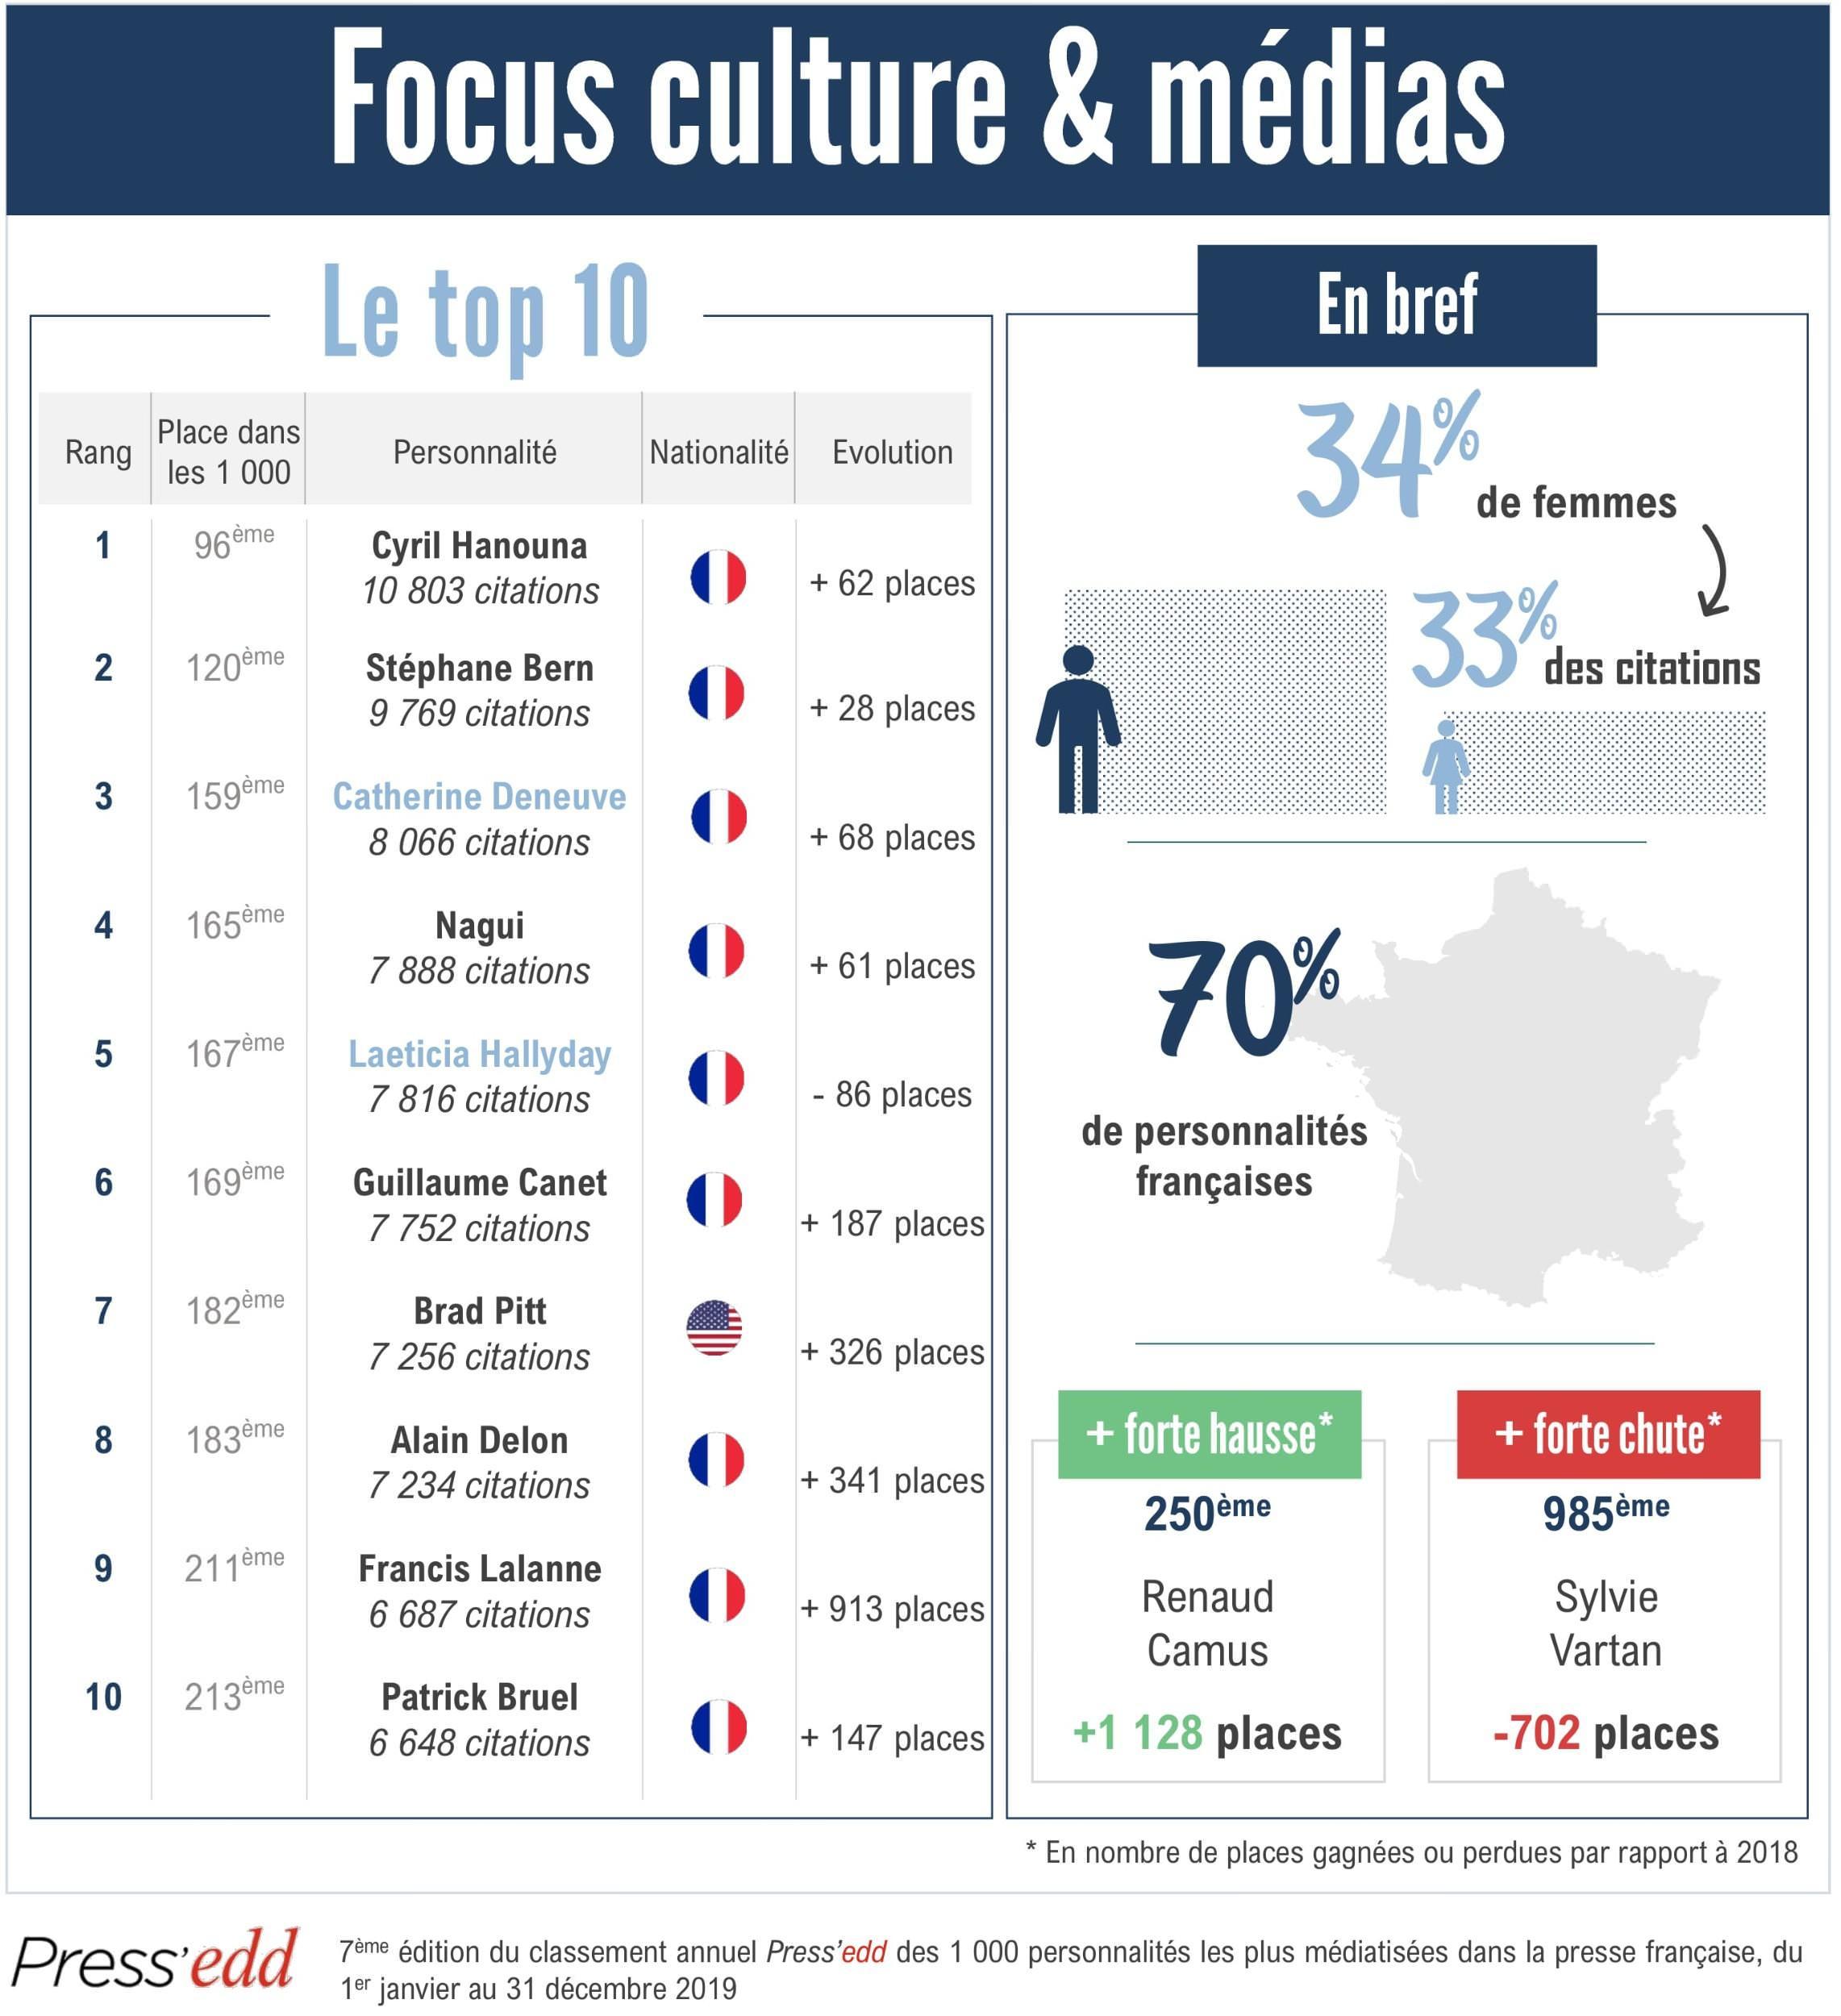 Focus culture et médias